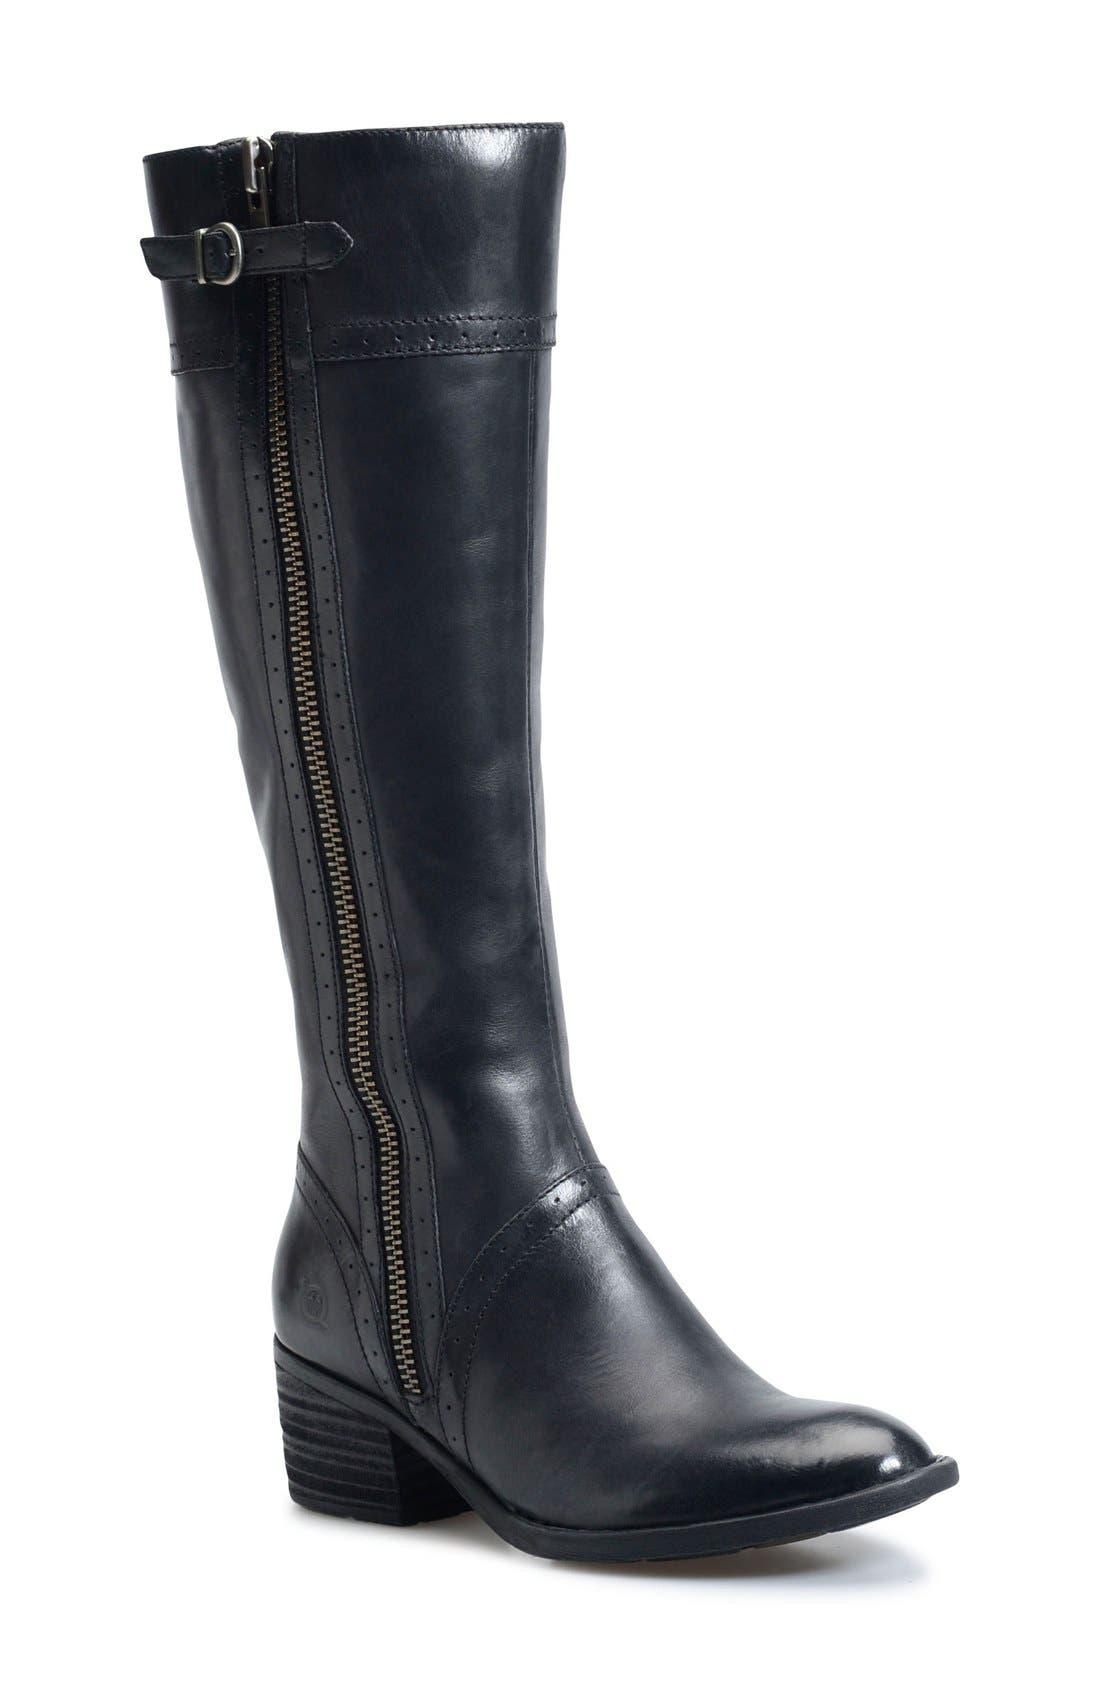 Main Image - Børn Poly Riding Boot (Women) (Regular & Wide Calf)